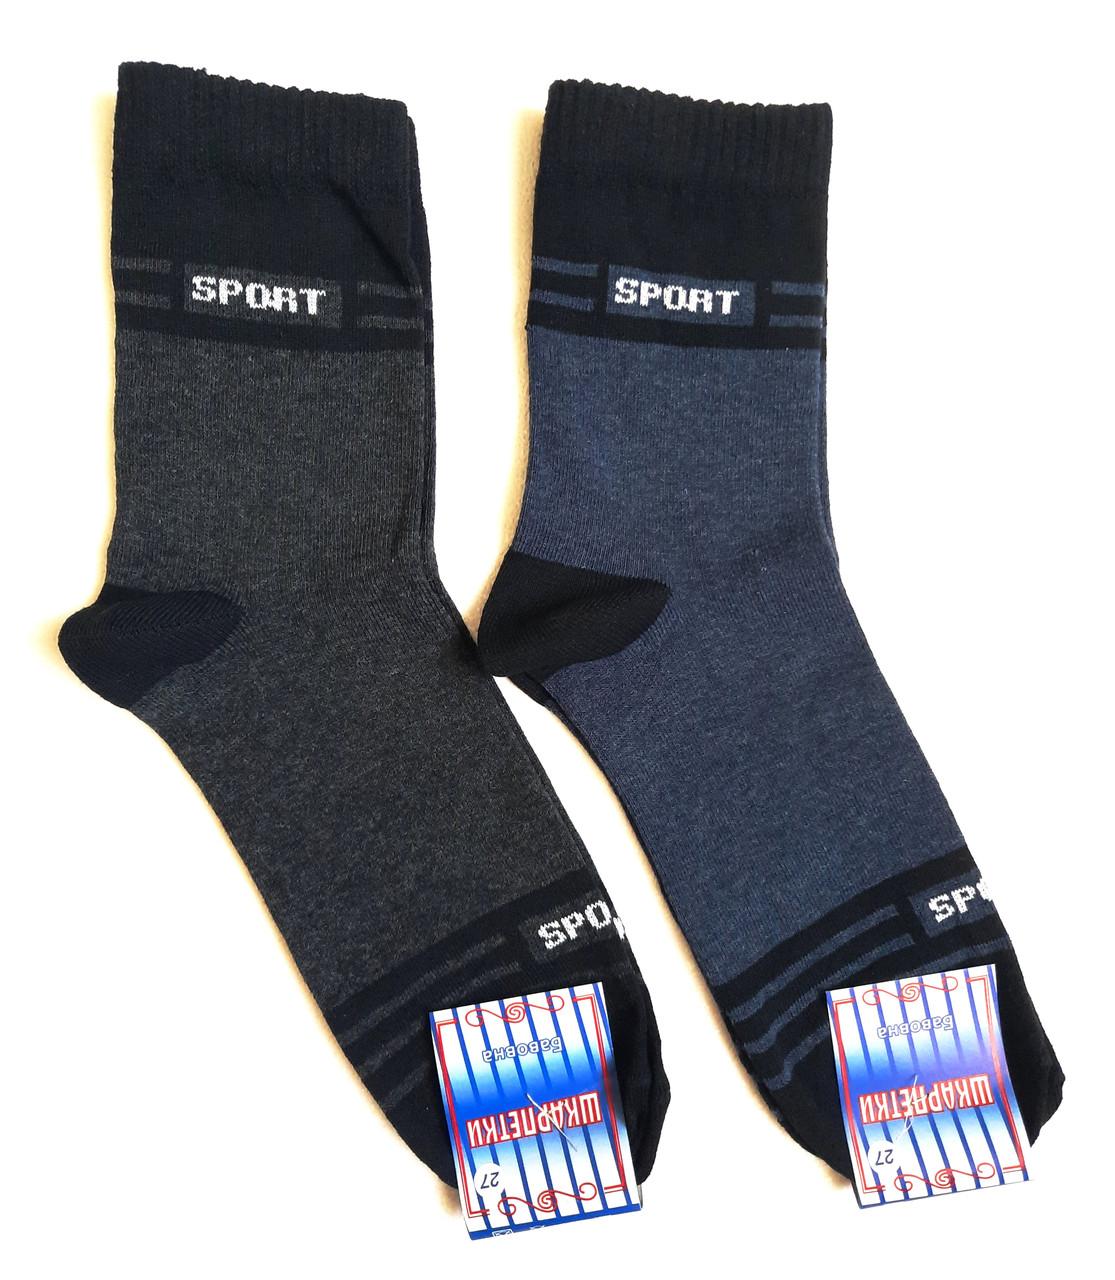 Шкарпетки чоловічі бавовна стрейч Україна р. 27 сірий, синій.Від 6 пар по 7,50 грн.